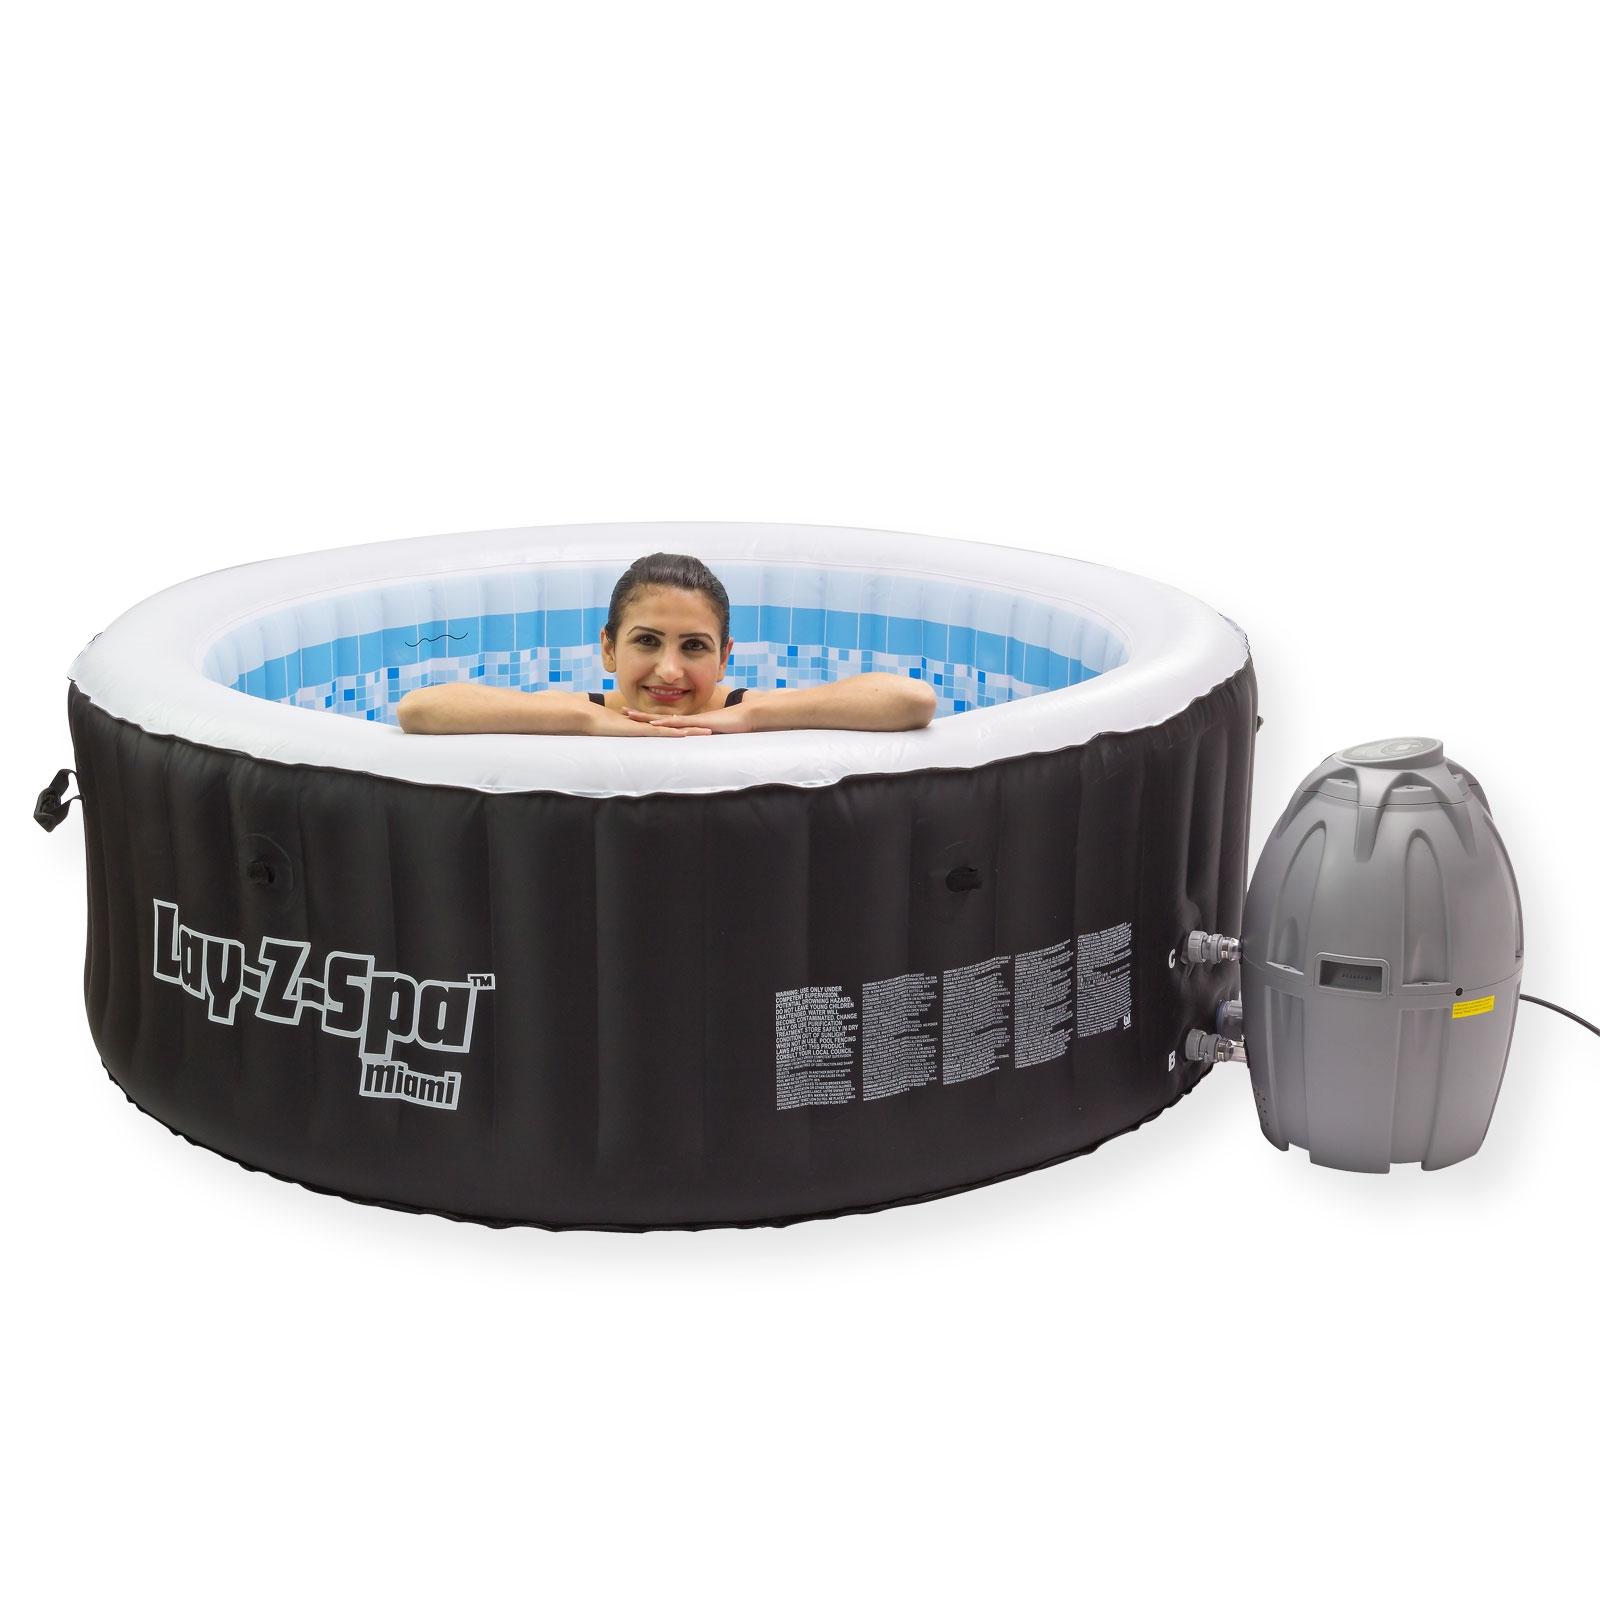 Full Size of Whirlpool Aufblasbar Spa 800 Miami Pool Massage Garten Wohnzimmer Whirlpool Aufblasbar